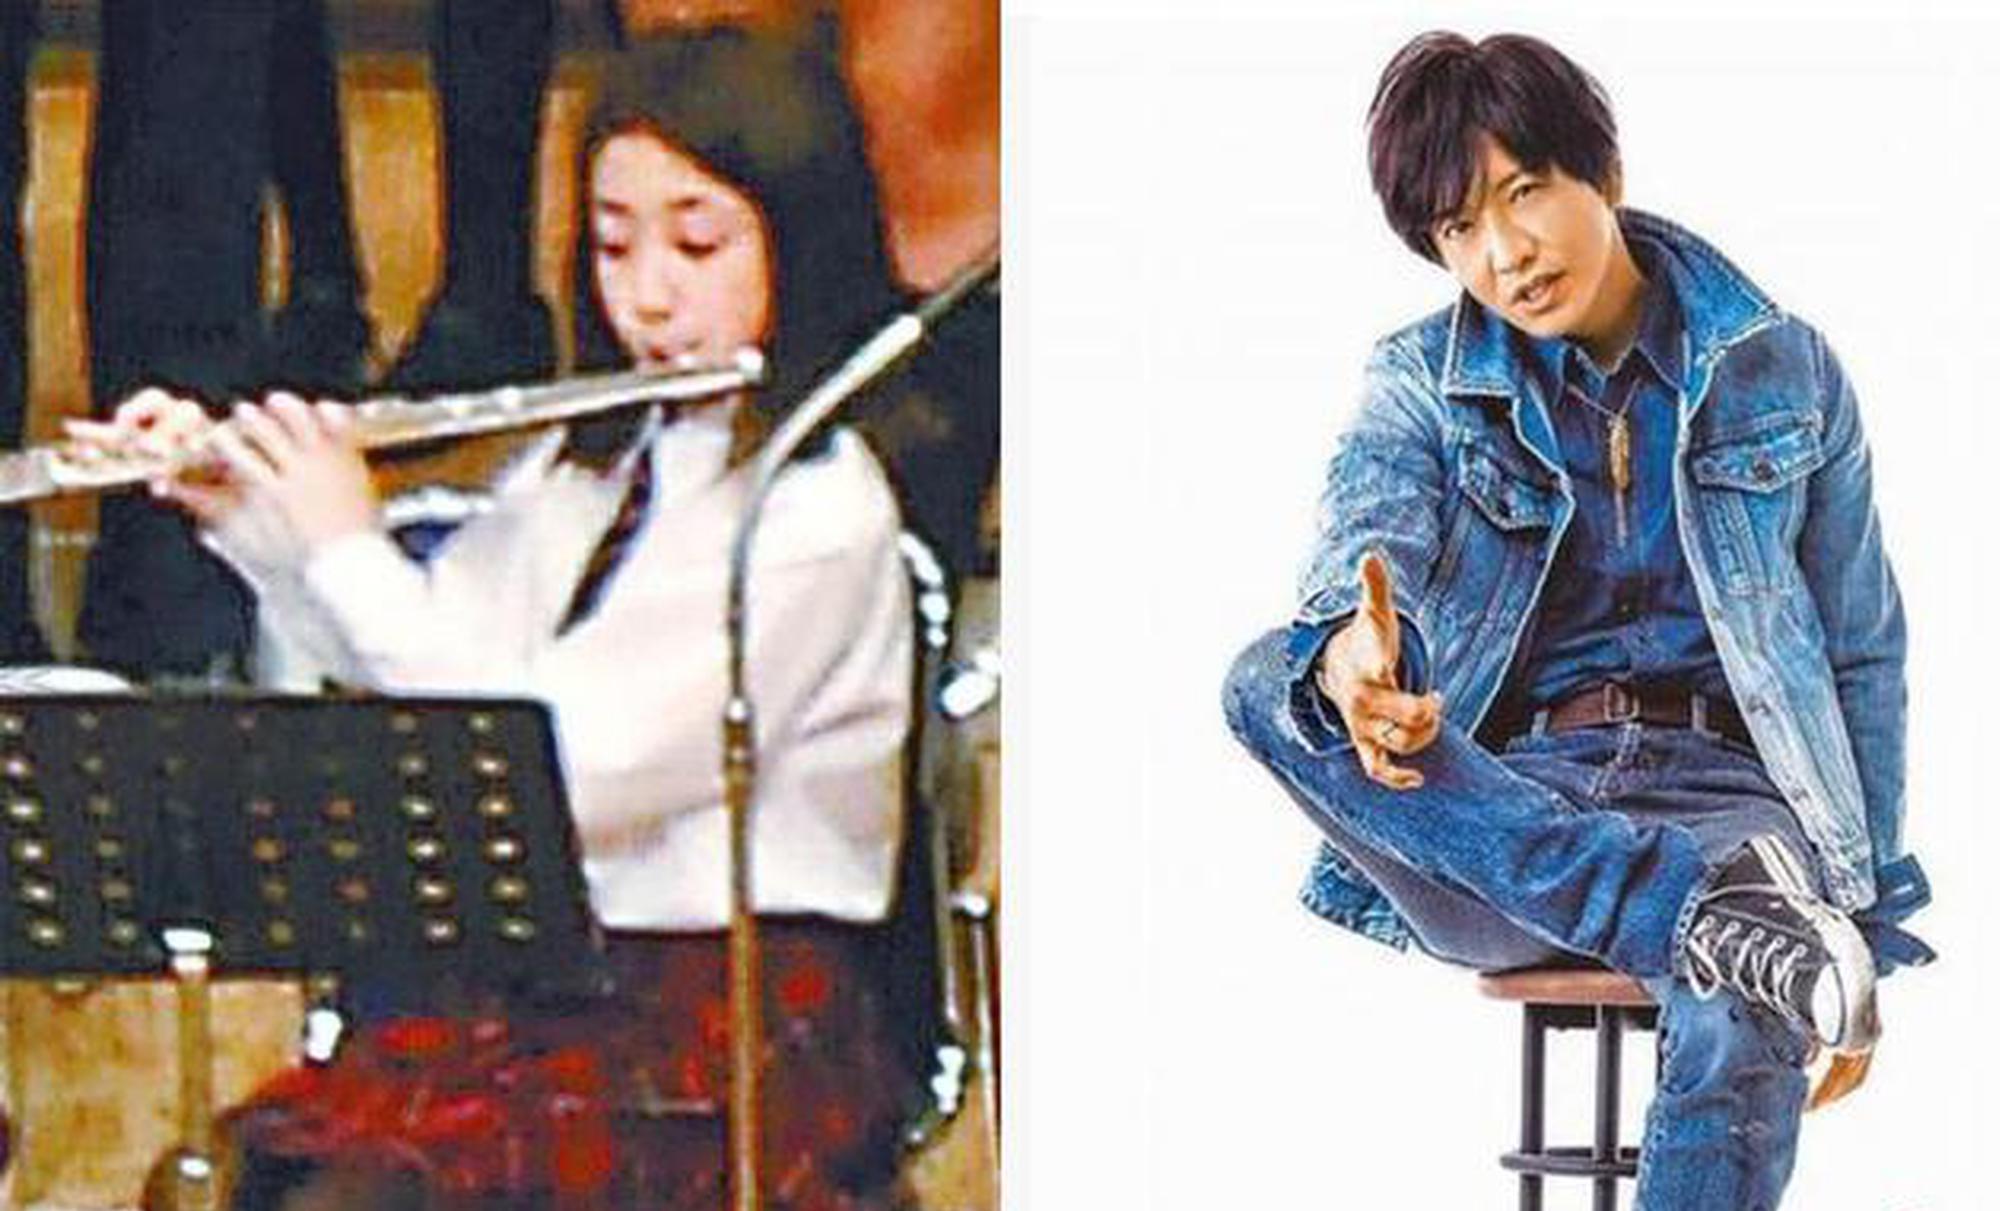 木村拓哉的17岁女儿心美早前参添长笛公开赛令样貌曝光。